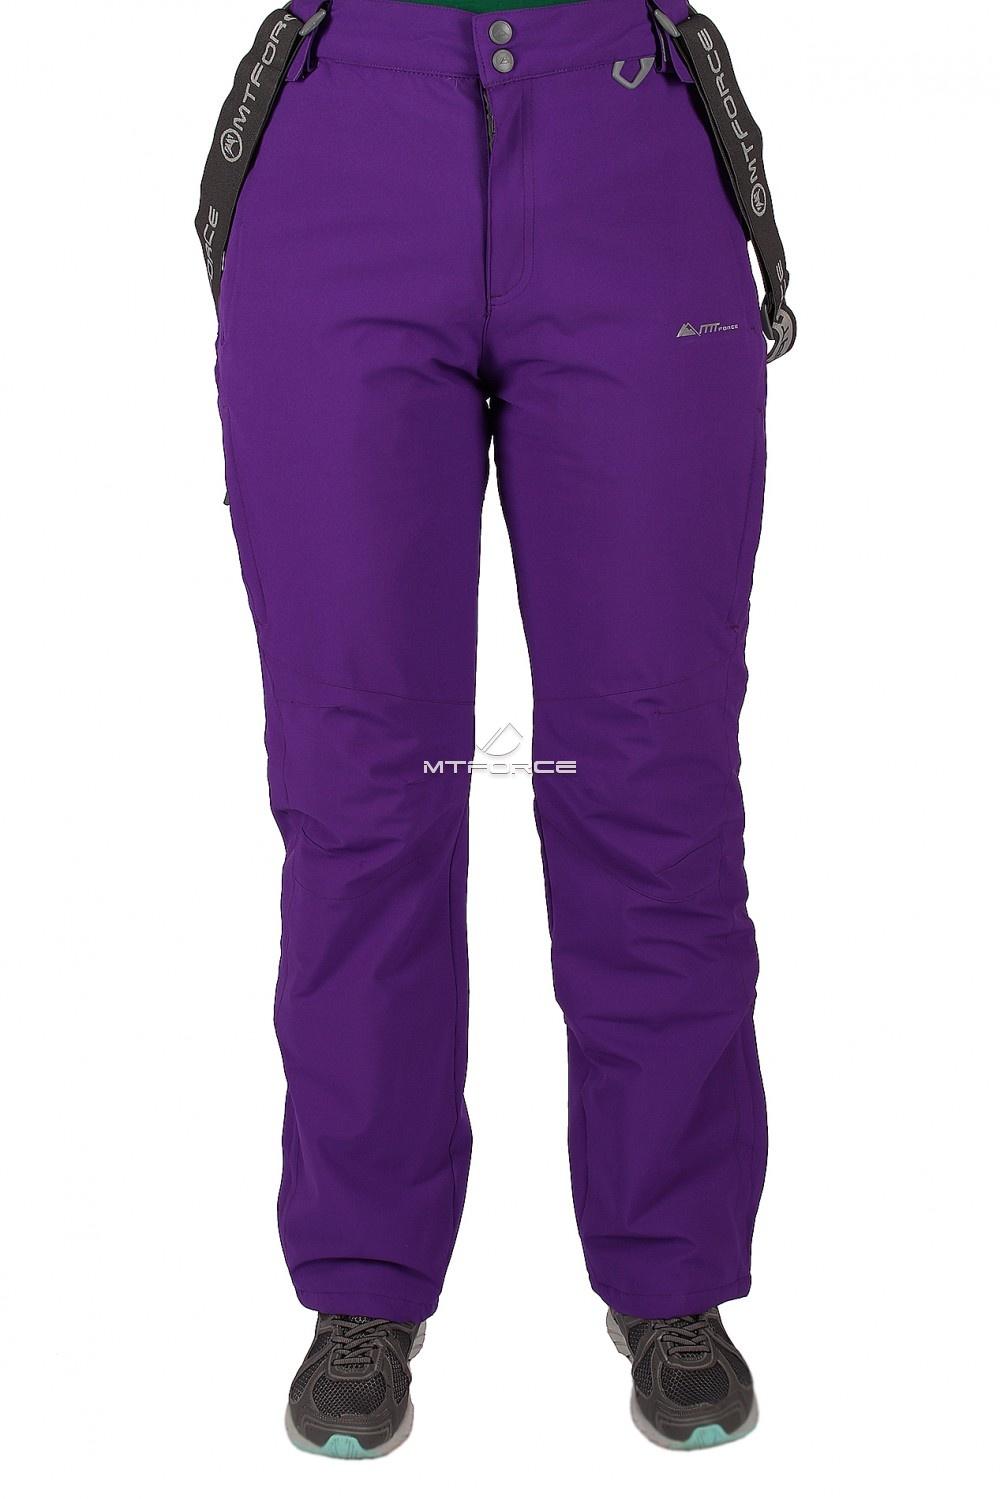 Купить                                  оптом Брюки горнолыжные женские фиолетового цвета 524F